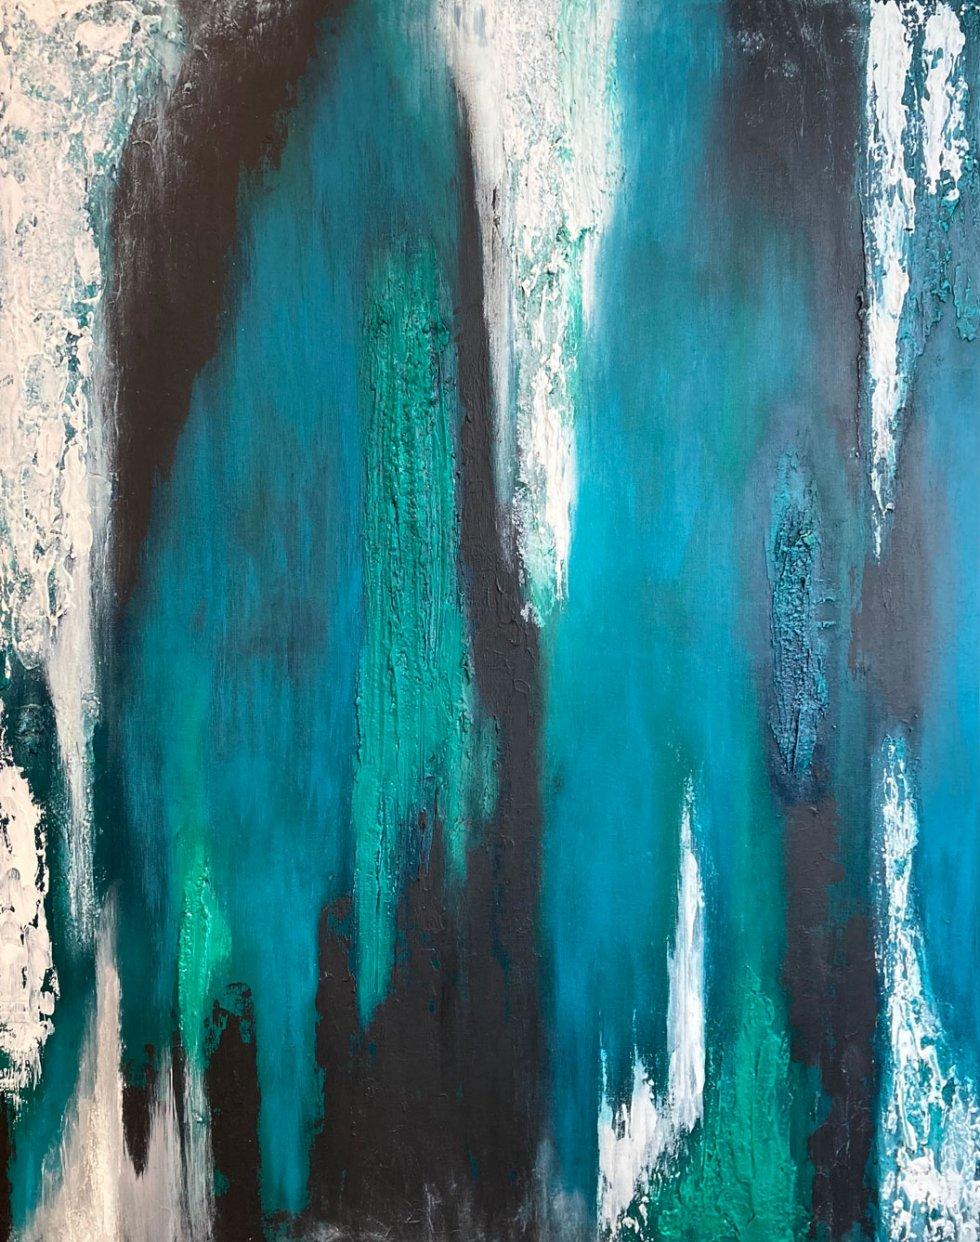 Ebony Falls | AlessandraViola.co.uk